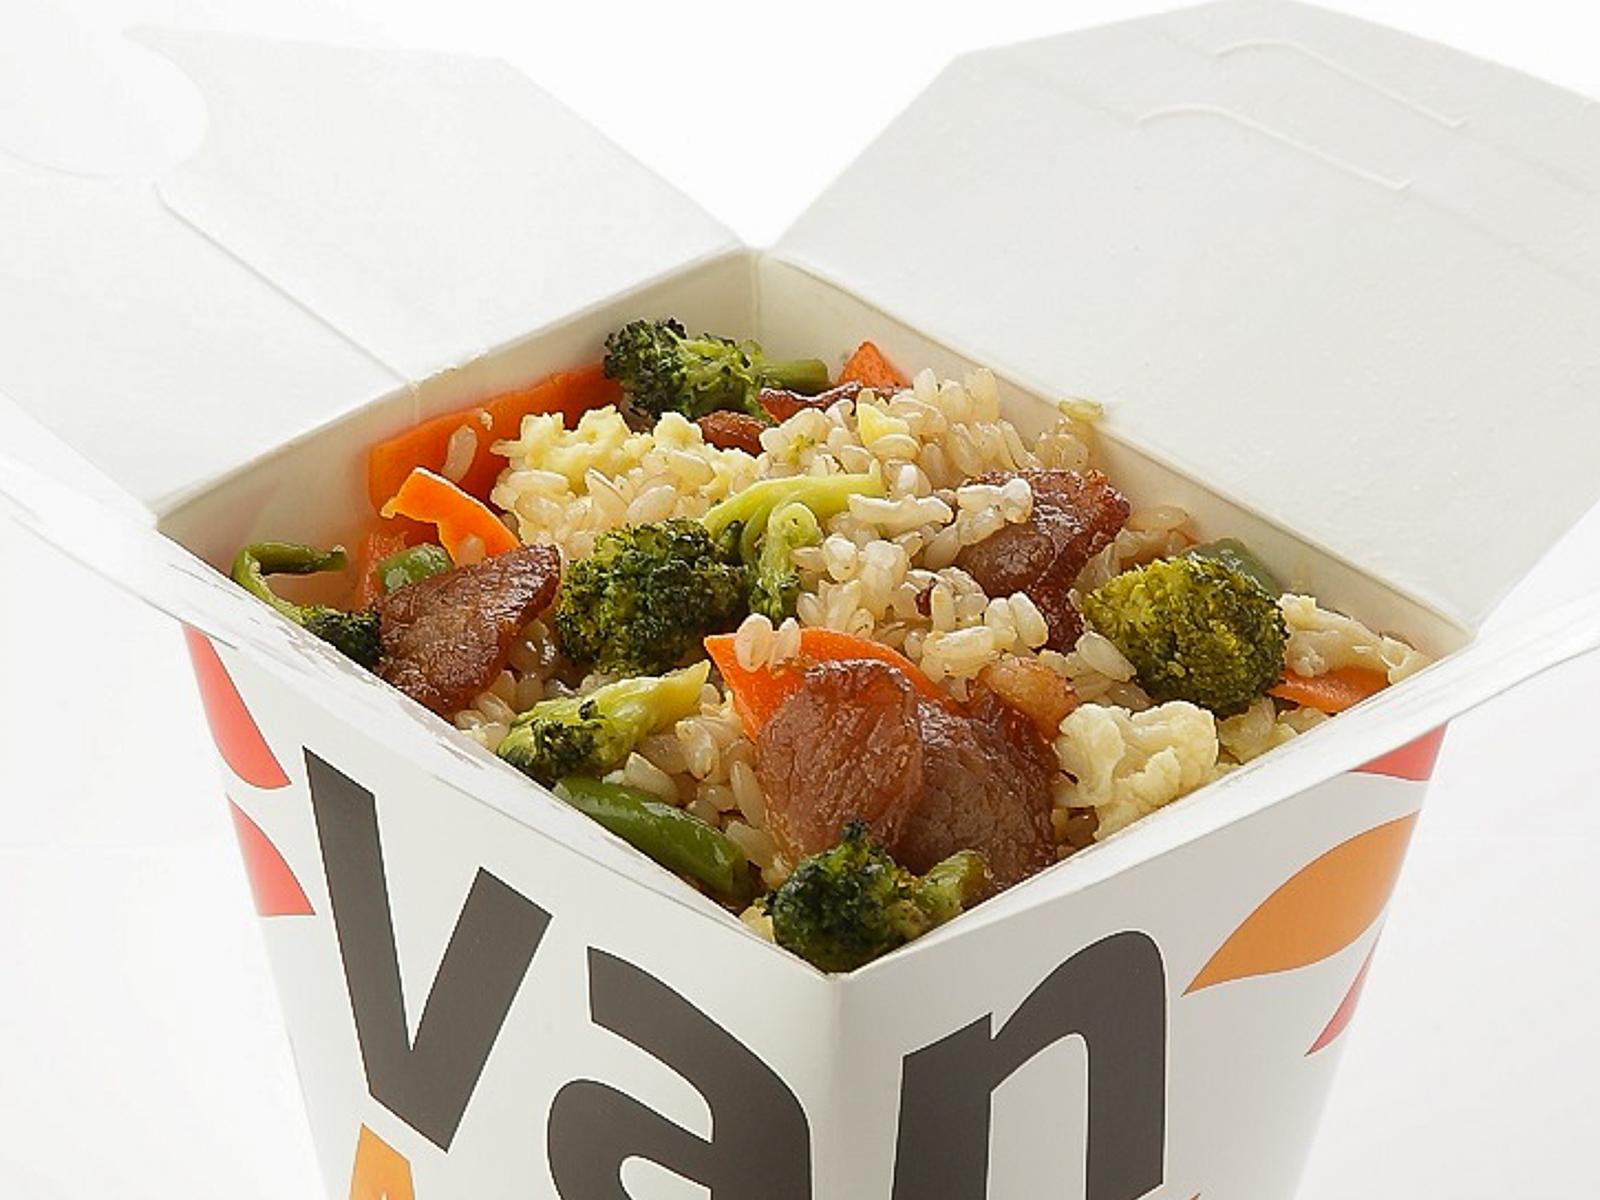 Вок рис цельнозерновой с шиитаке и брокколи в соусе Токио